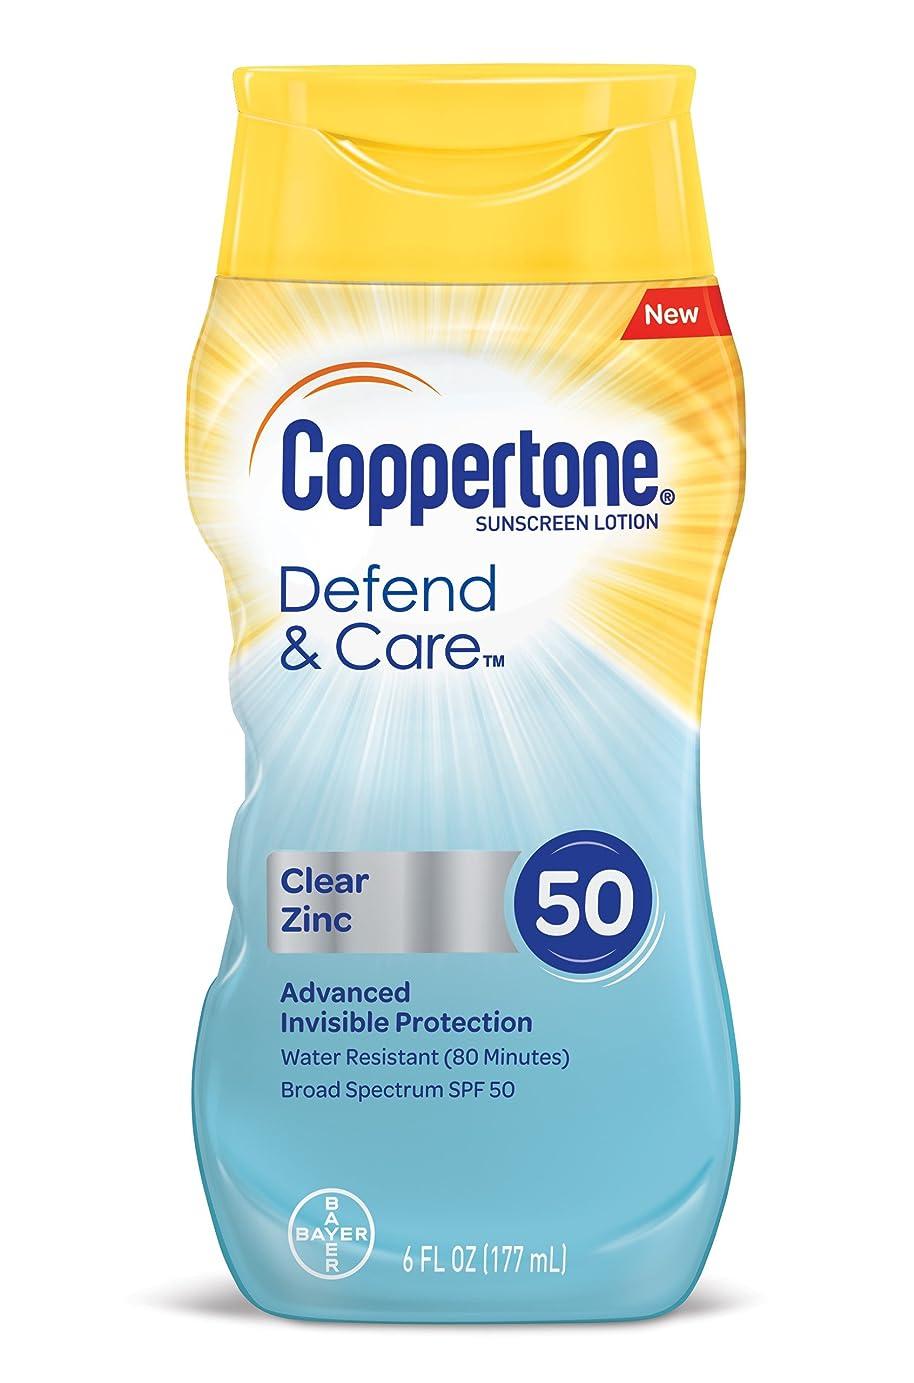 ショッピングセンター地下事故Coppertone 守れ&ケアクリア亜鉛日焼け止めローション広域スペクトルSPF 50(6液量オンス)